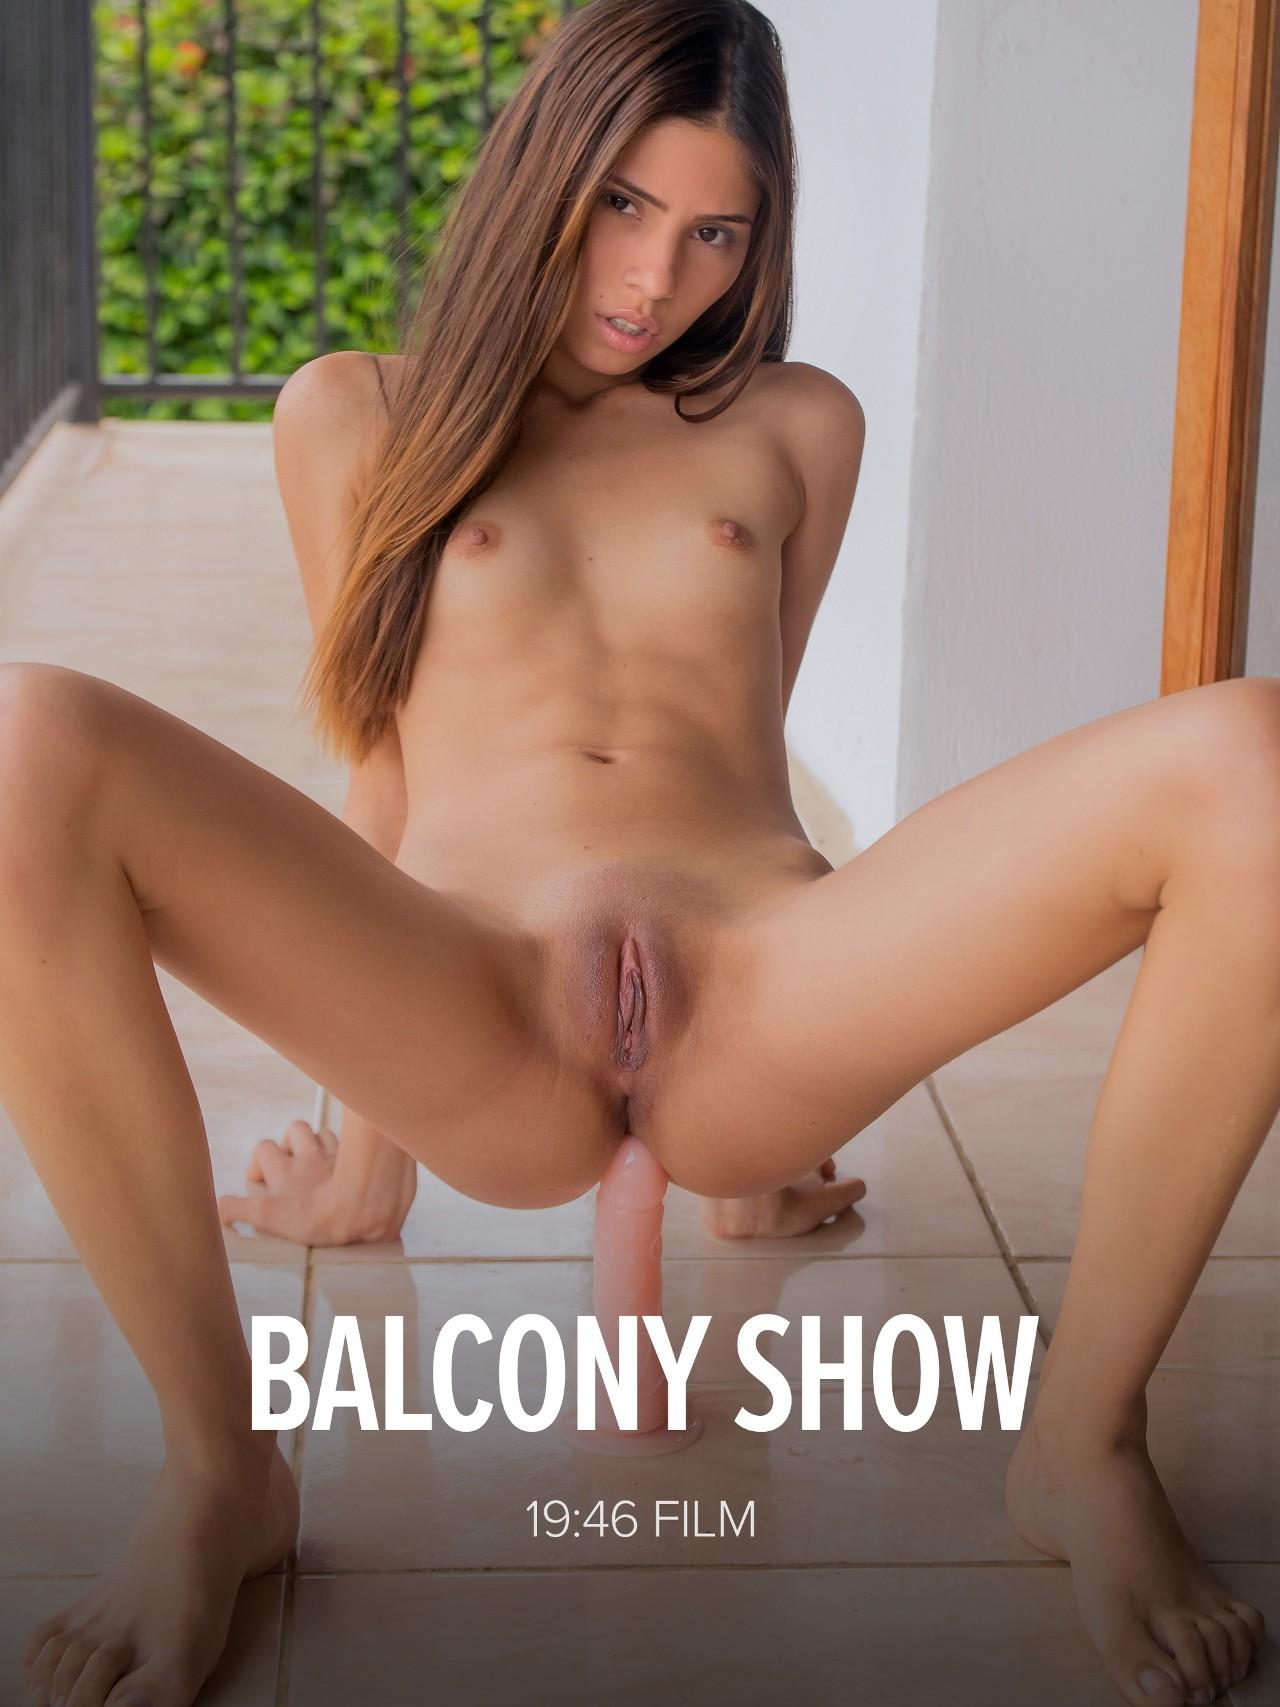 Mily Mendoza: Balcony Show